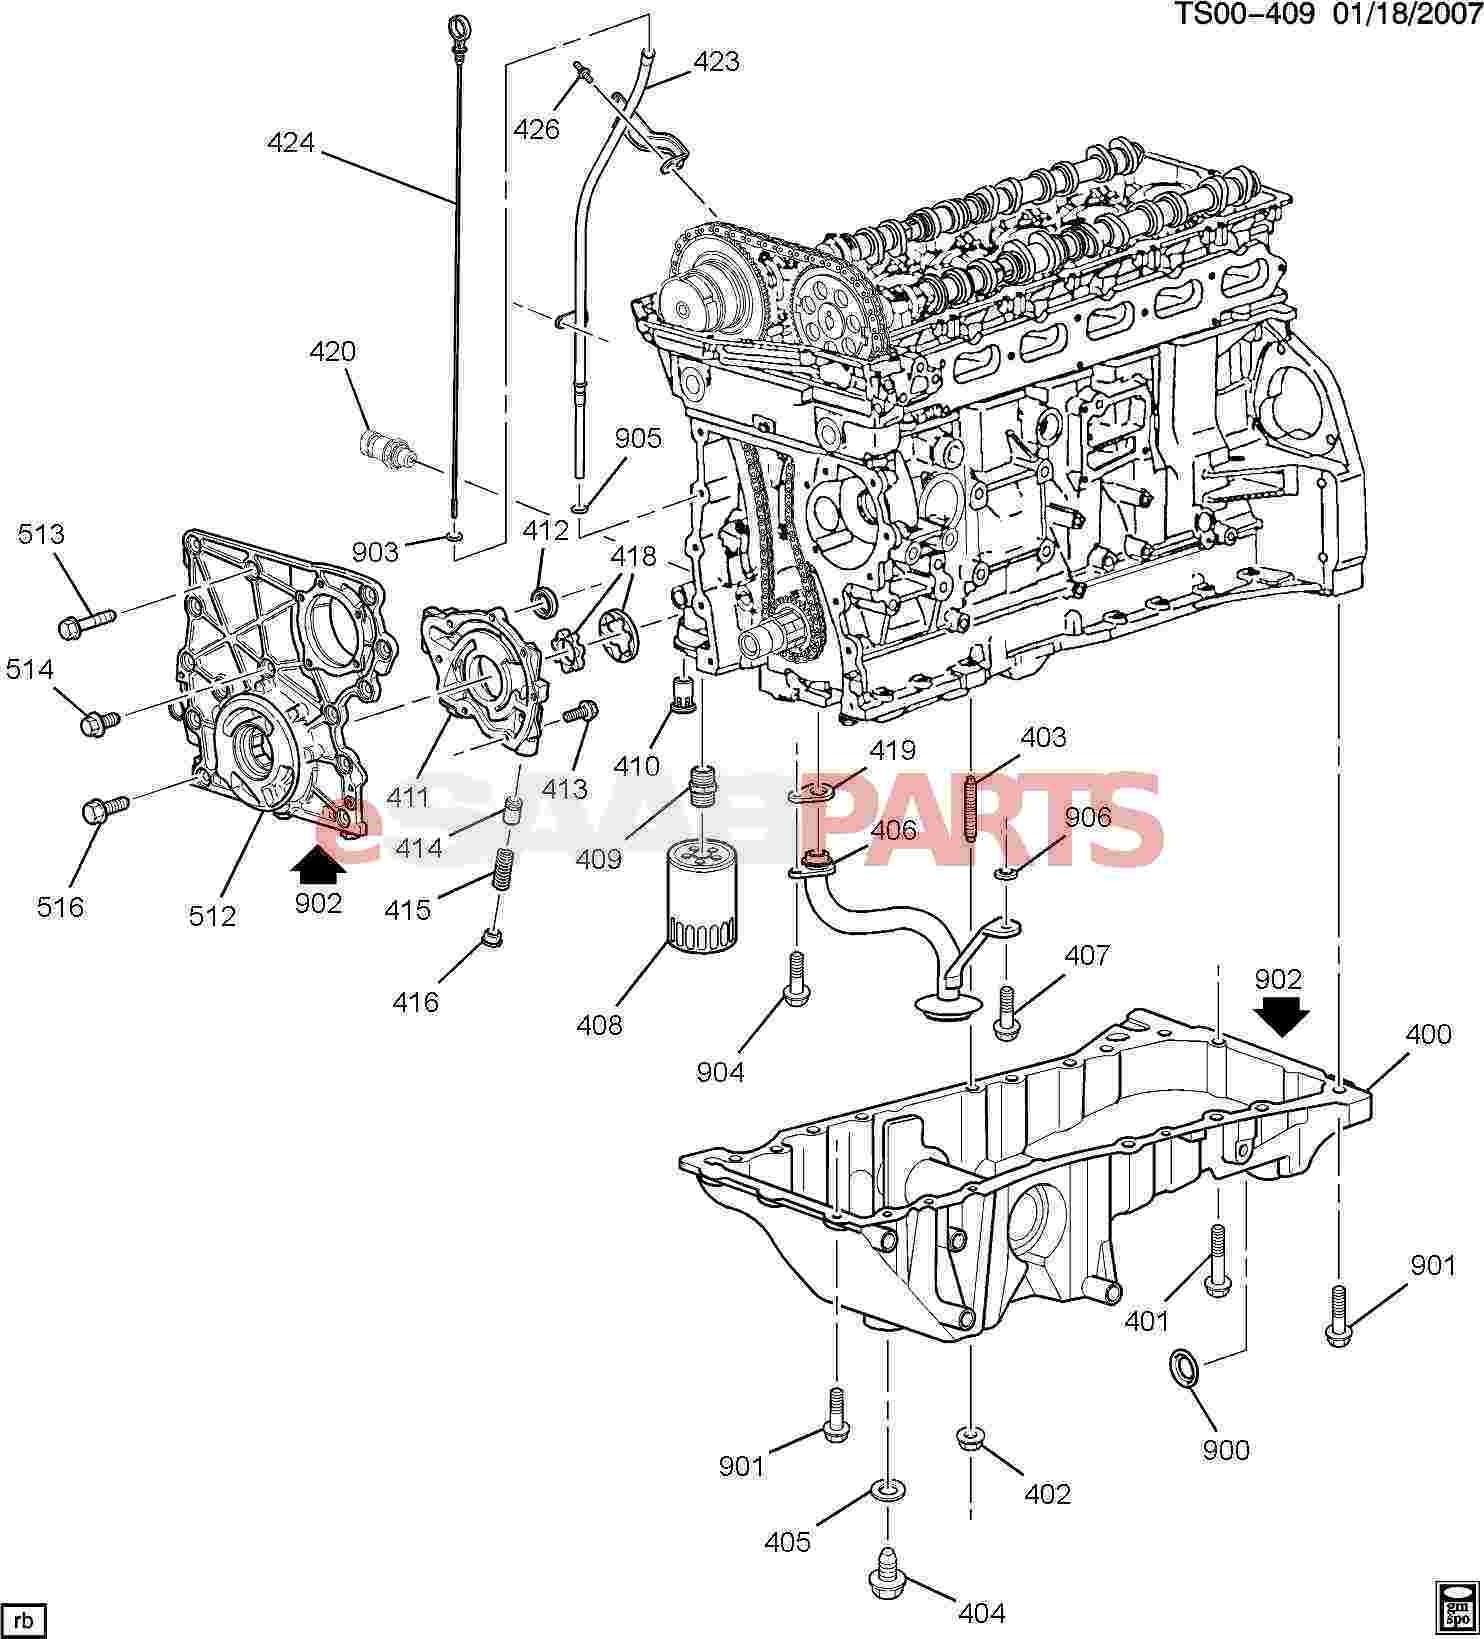 Gmc Envoy Parts Diagram ] Saab Bolt Hfh M6x1x60 18mm Thd 14 2 O D 8 8 3359gmw Of Gmc Envoy Parts Diagram